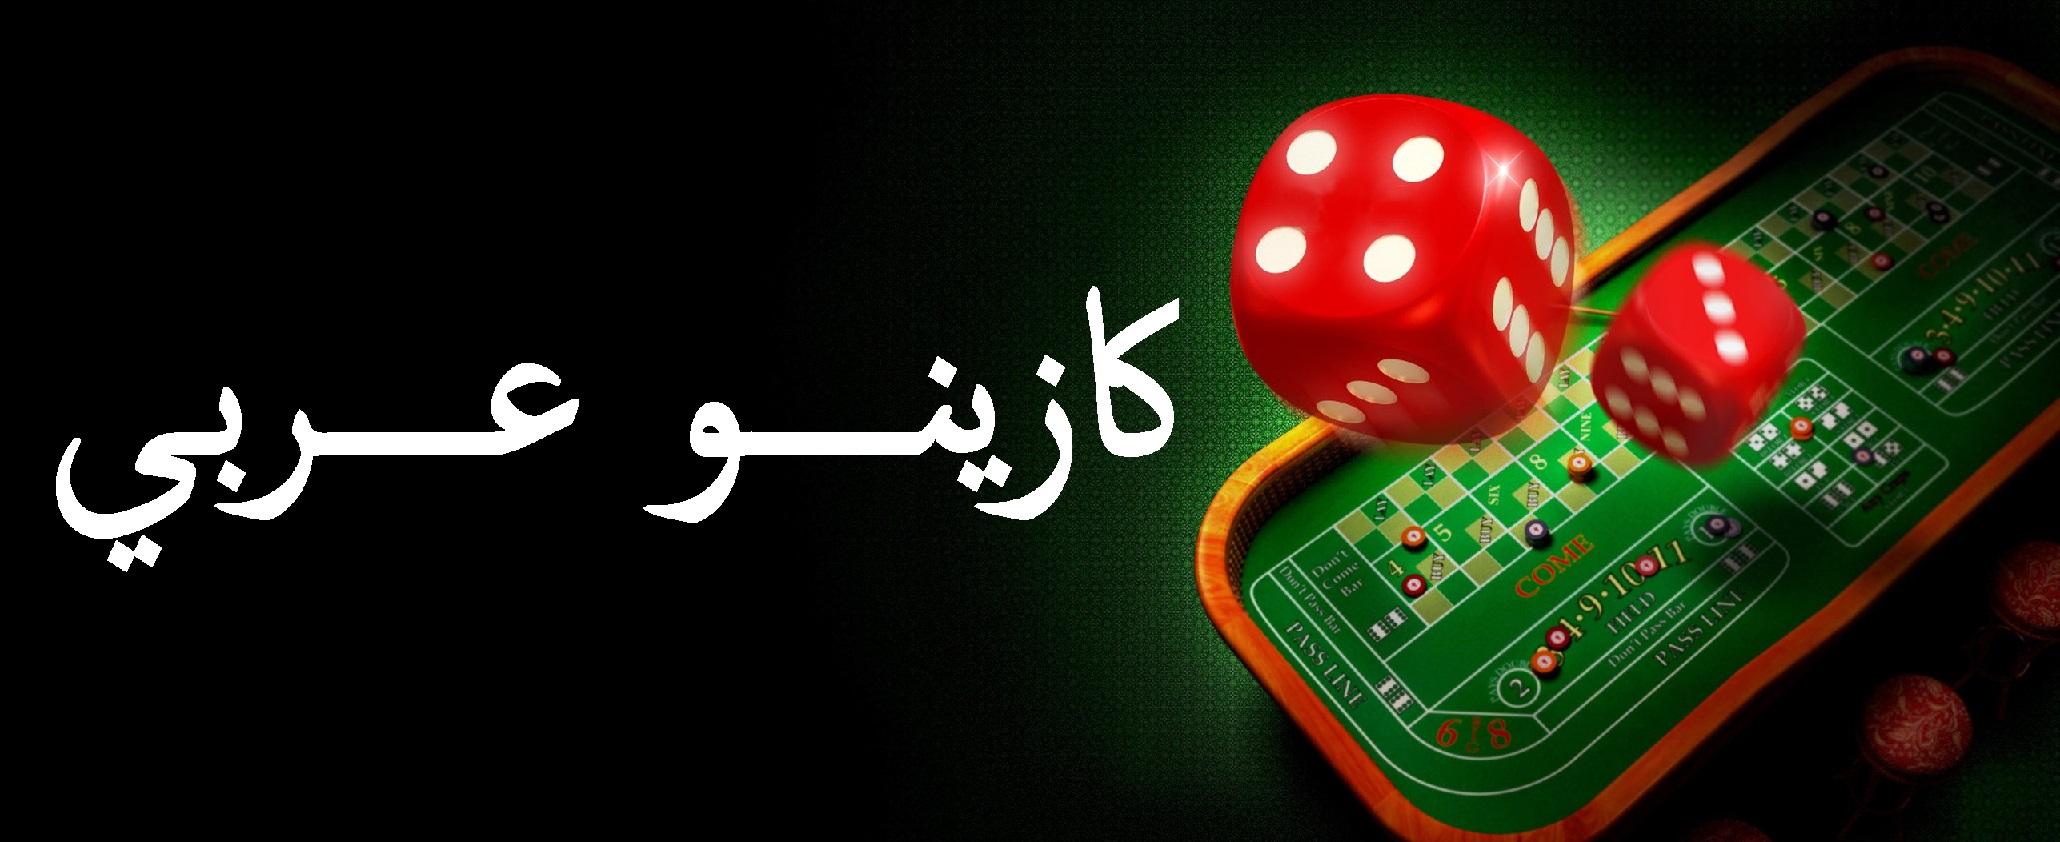 العب قمار - 70630